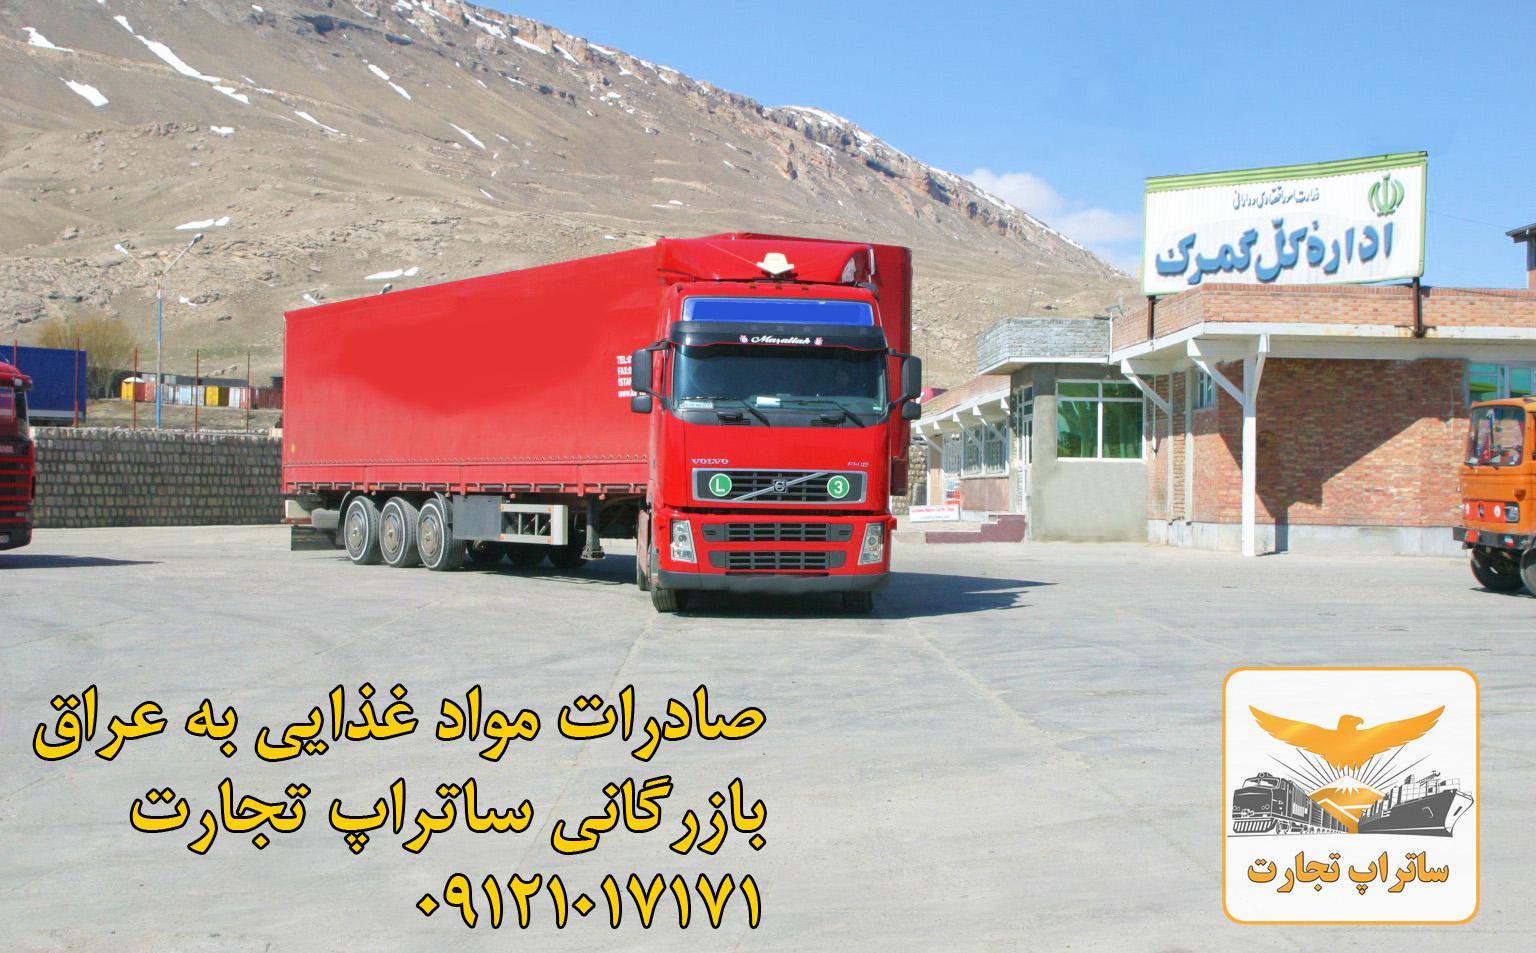 صادرات میوه به عراق